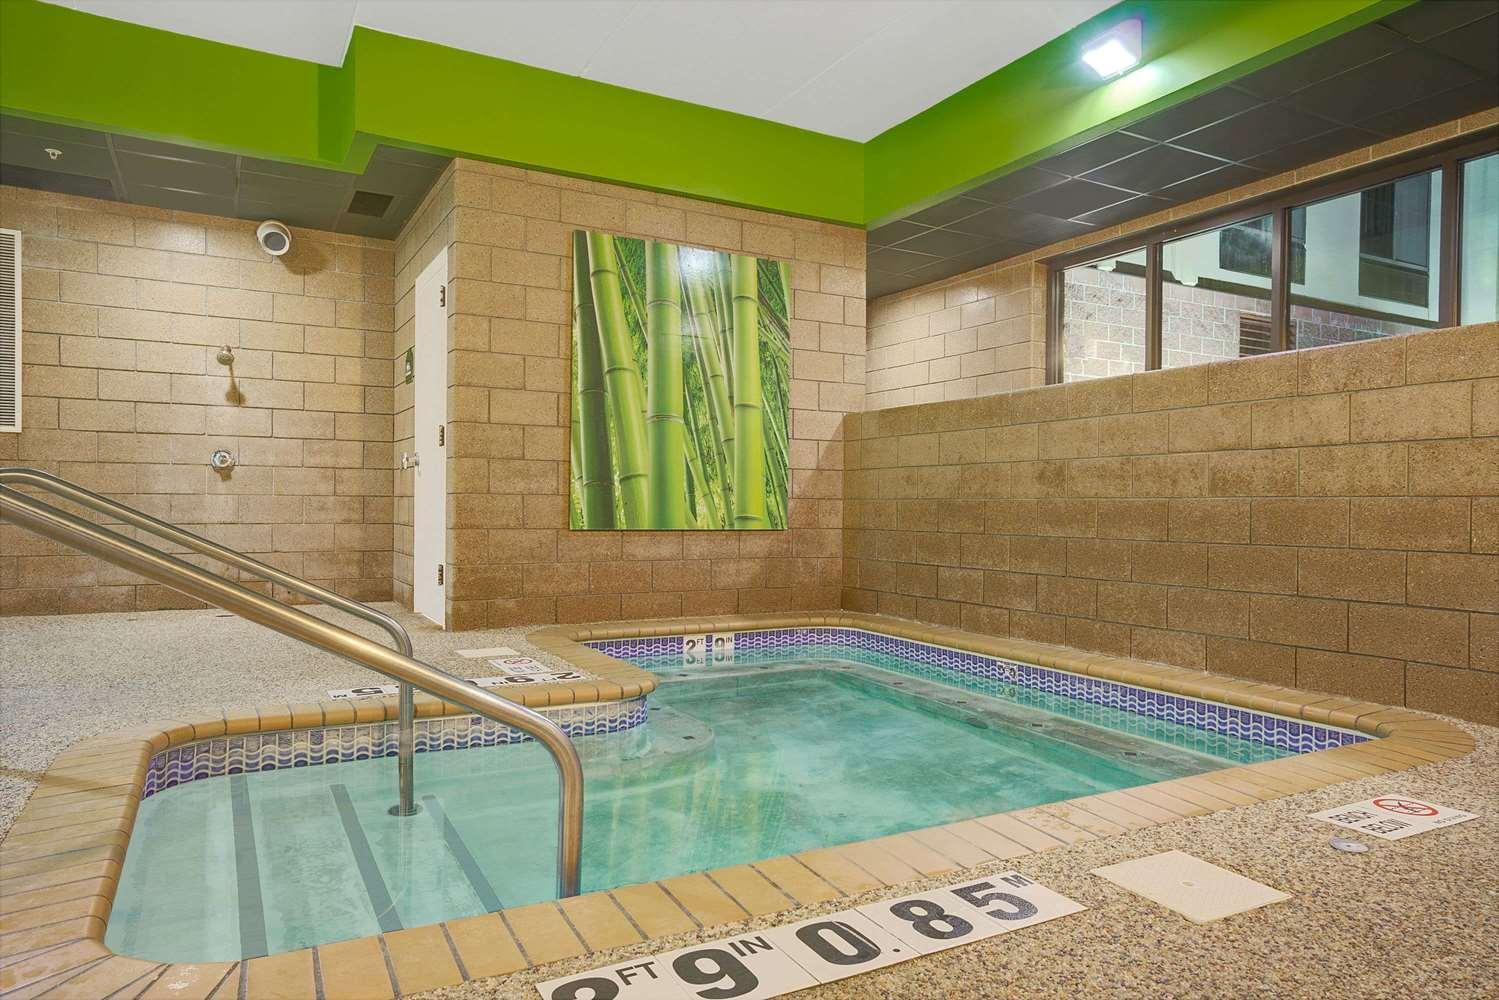 Pool - Wingate by Wyndham Hotel Fargo